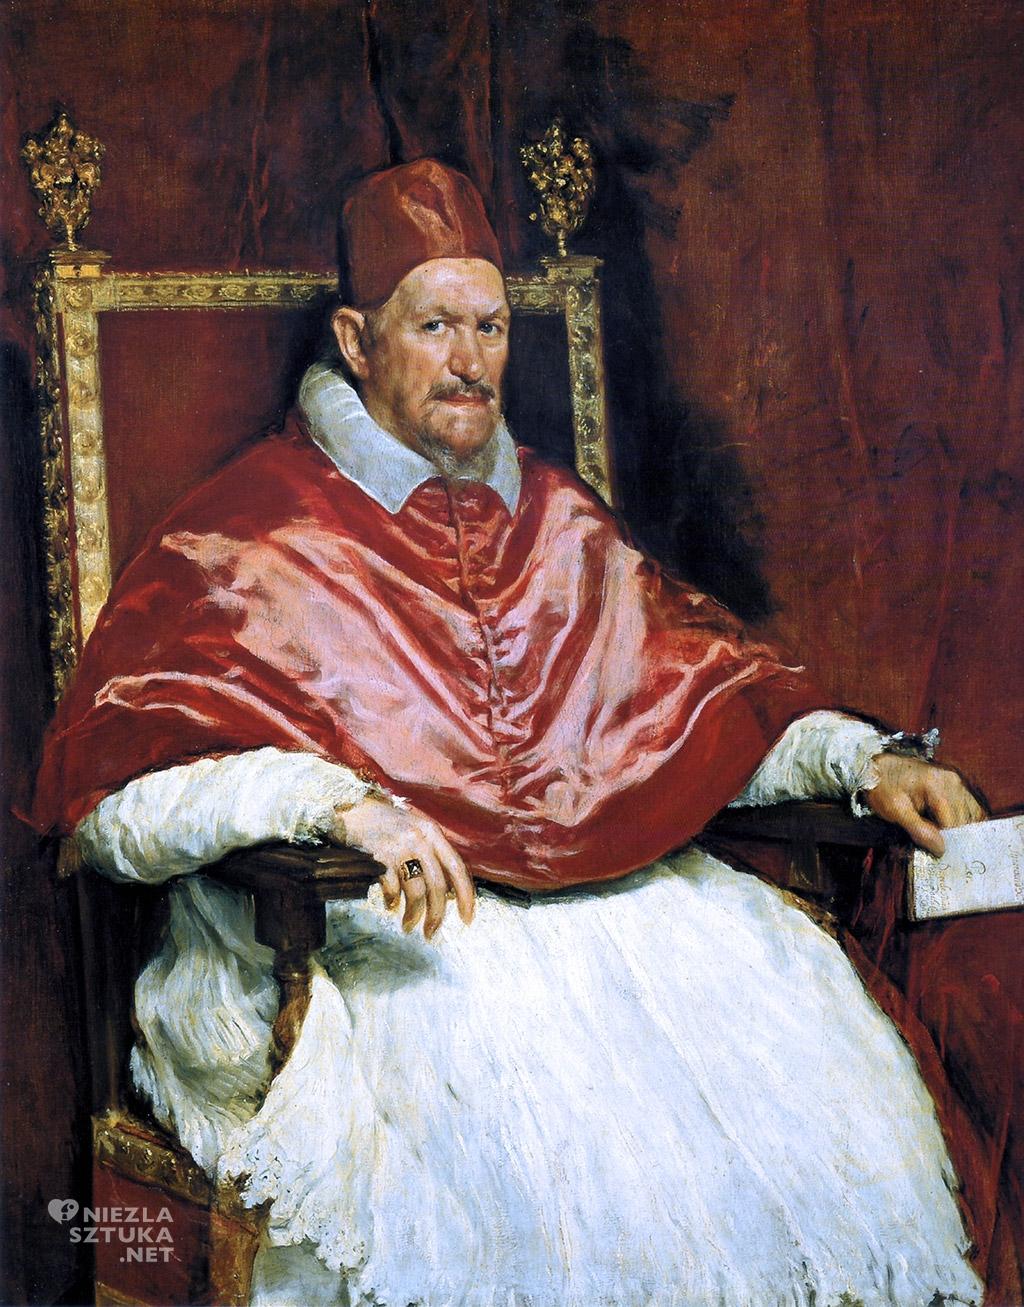 Diego Velázquez Portret papieża Innocentego X | ok. 1650, Galleria Doria Pamphilj, Rzym